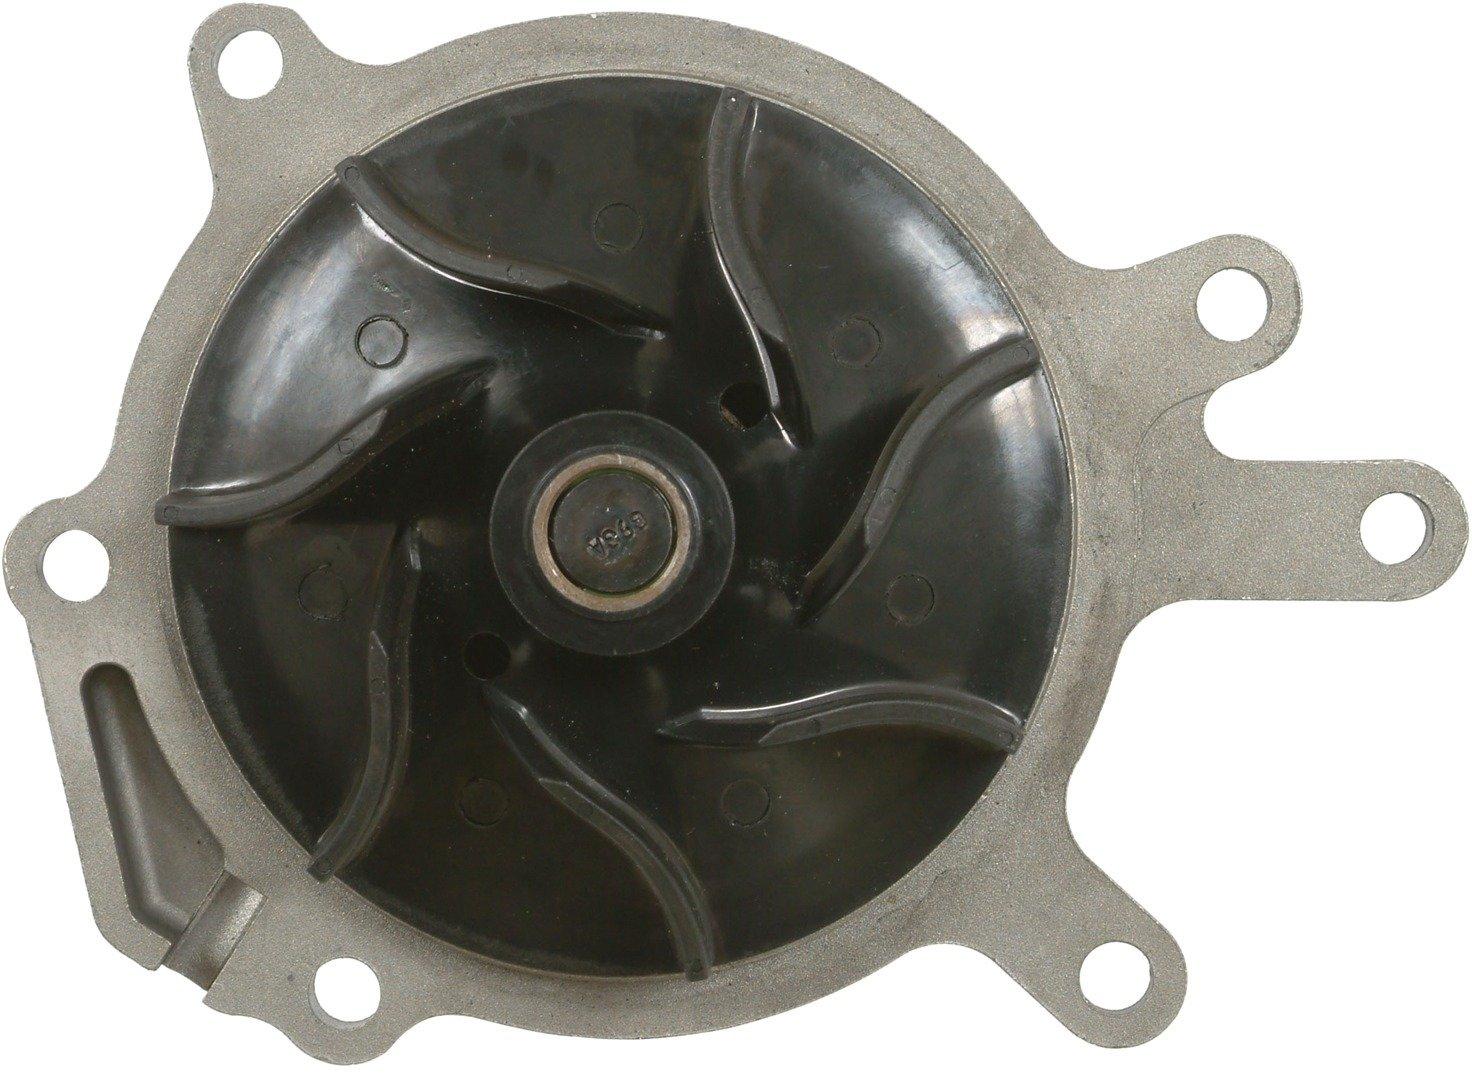 Cardone 58-663 Remanufactured Domestic Water Pump A1 Cardone